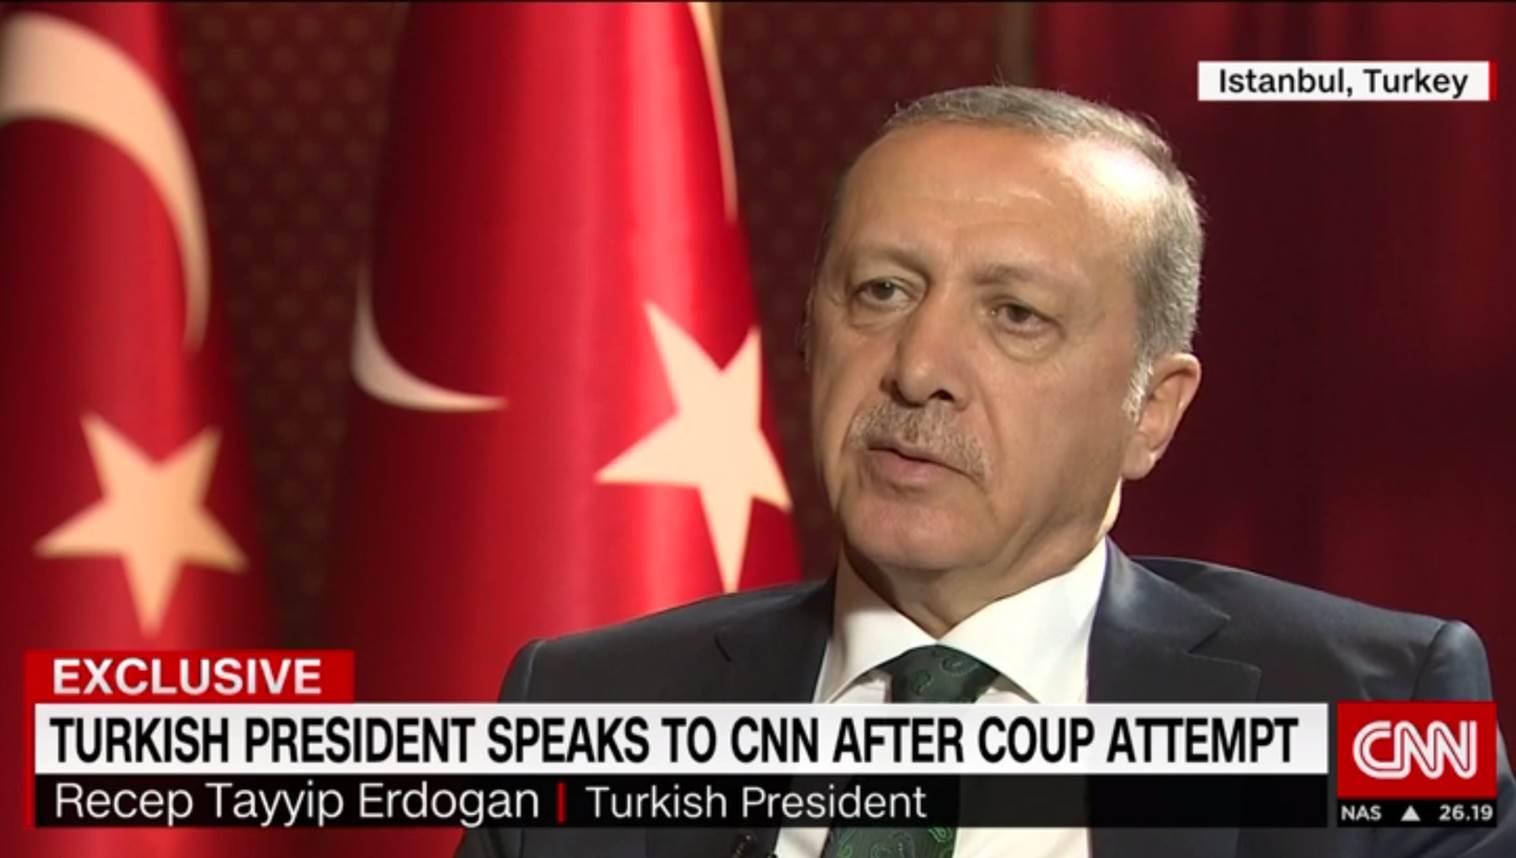 Türkei: Erdogan rechnet offenbar mit einem zweiten Putsch-Versuch